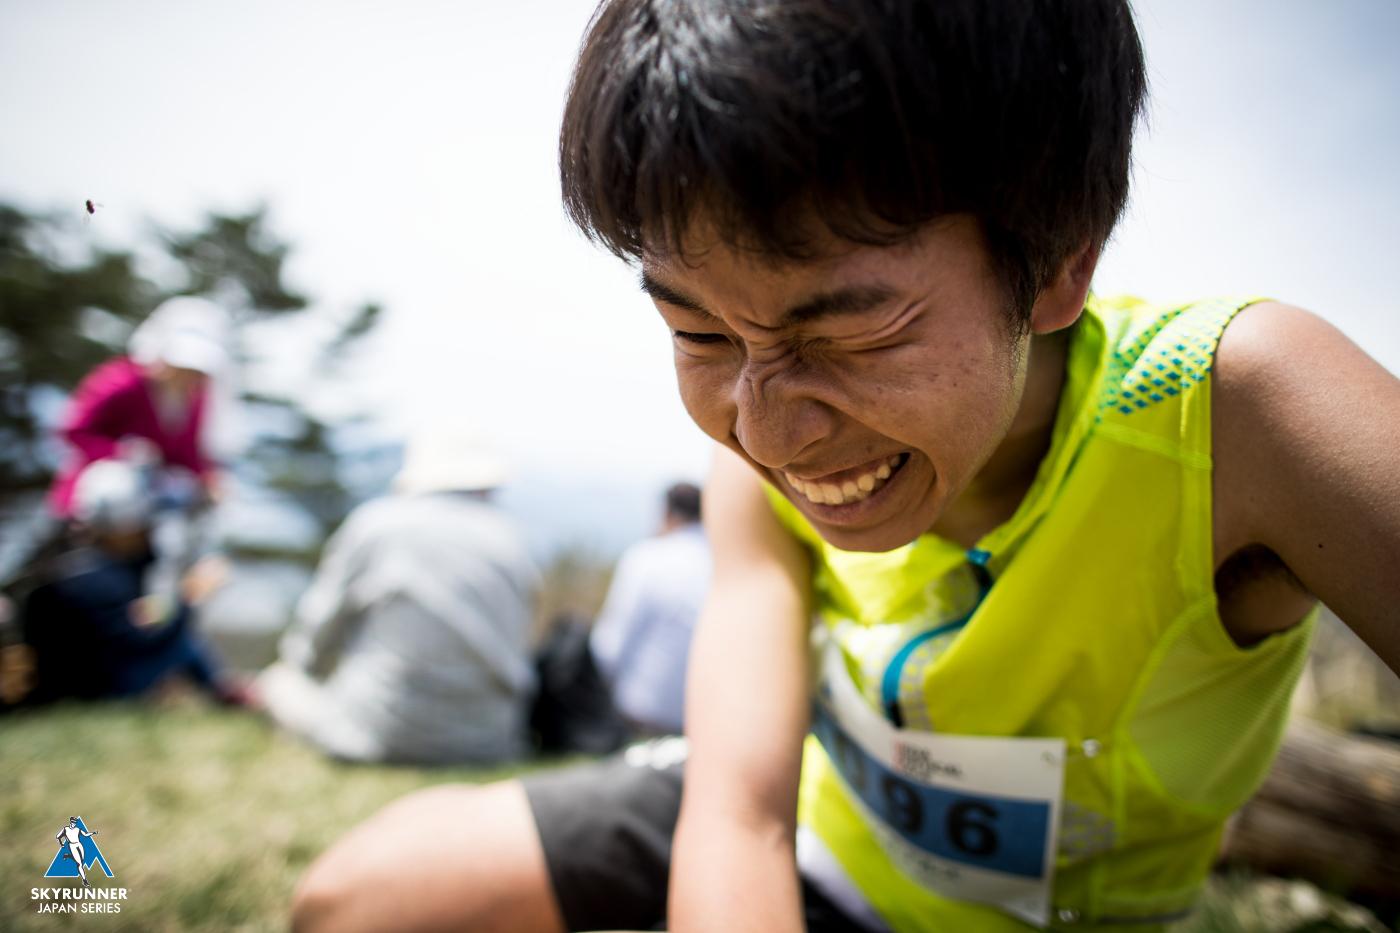 ユース世代の活躍も応援したい ?Ueda vertical race